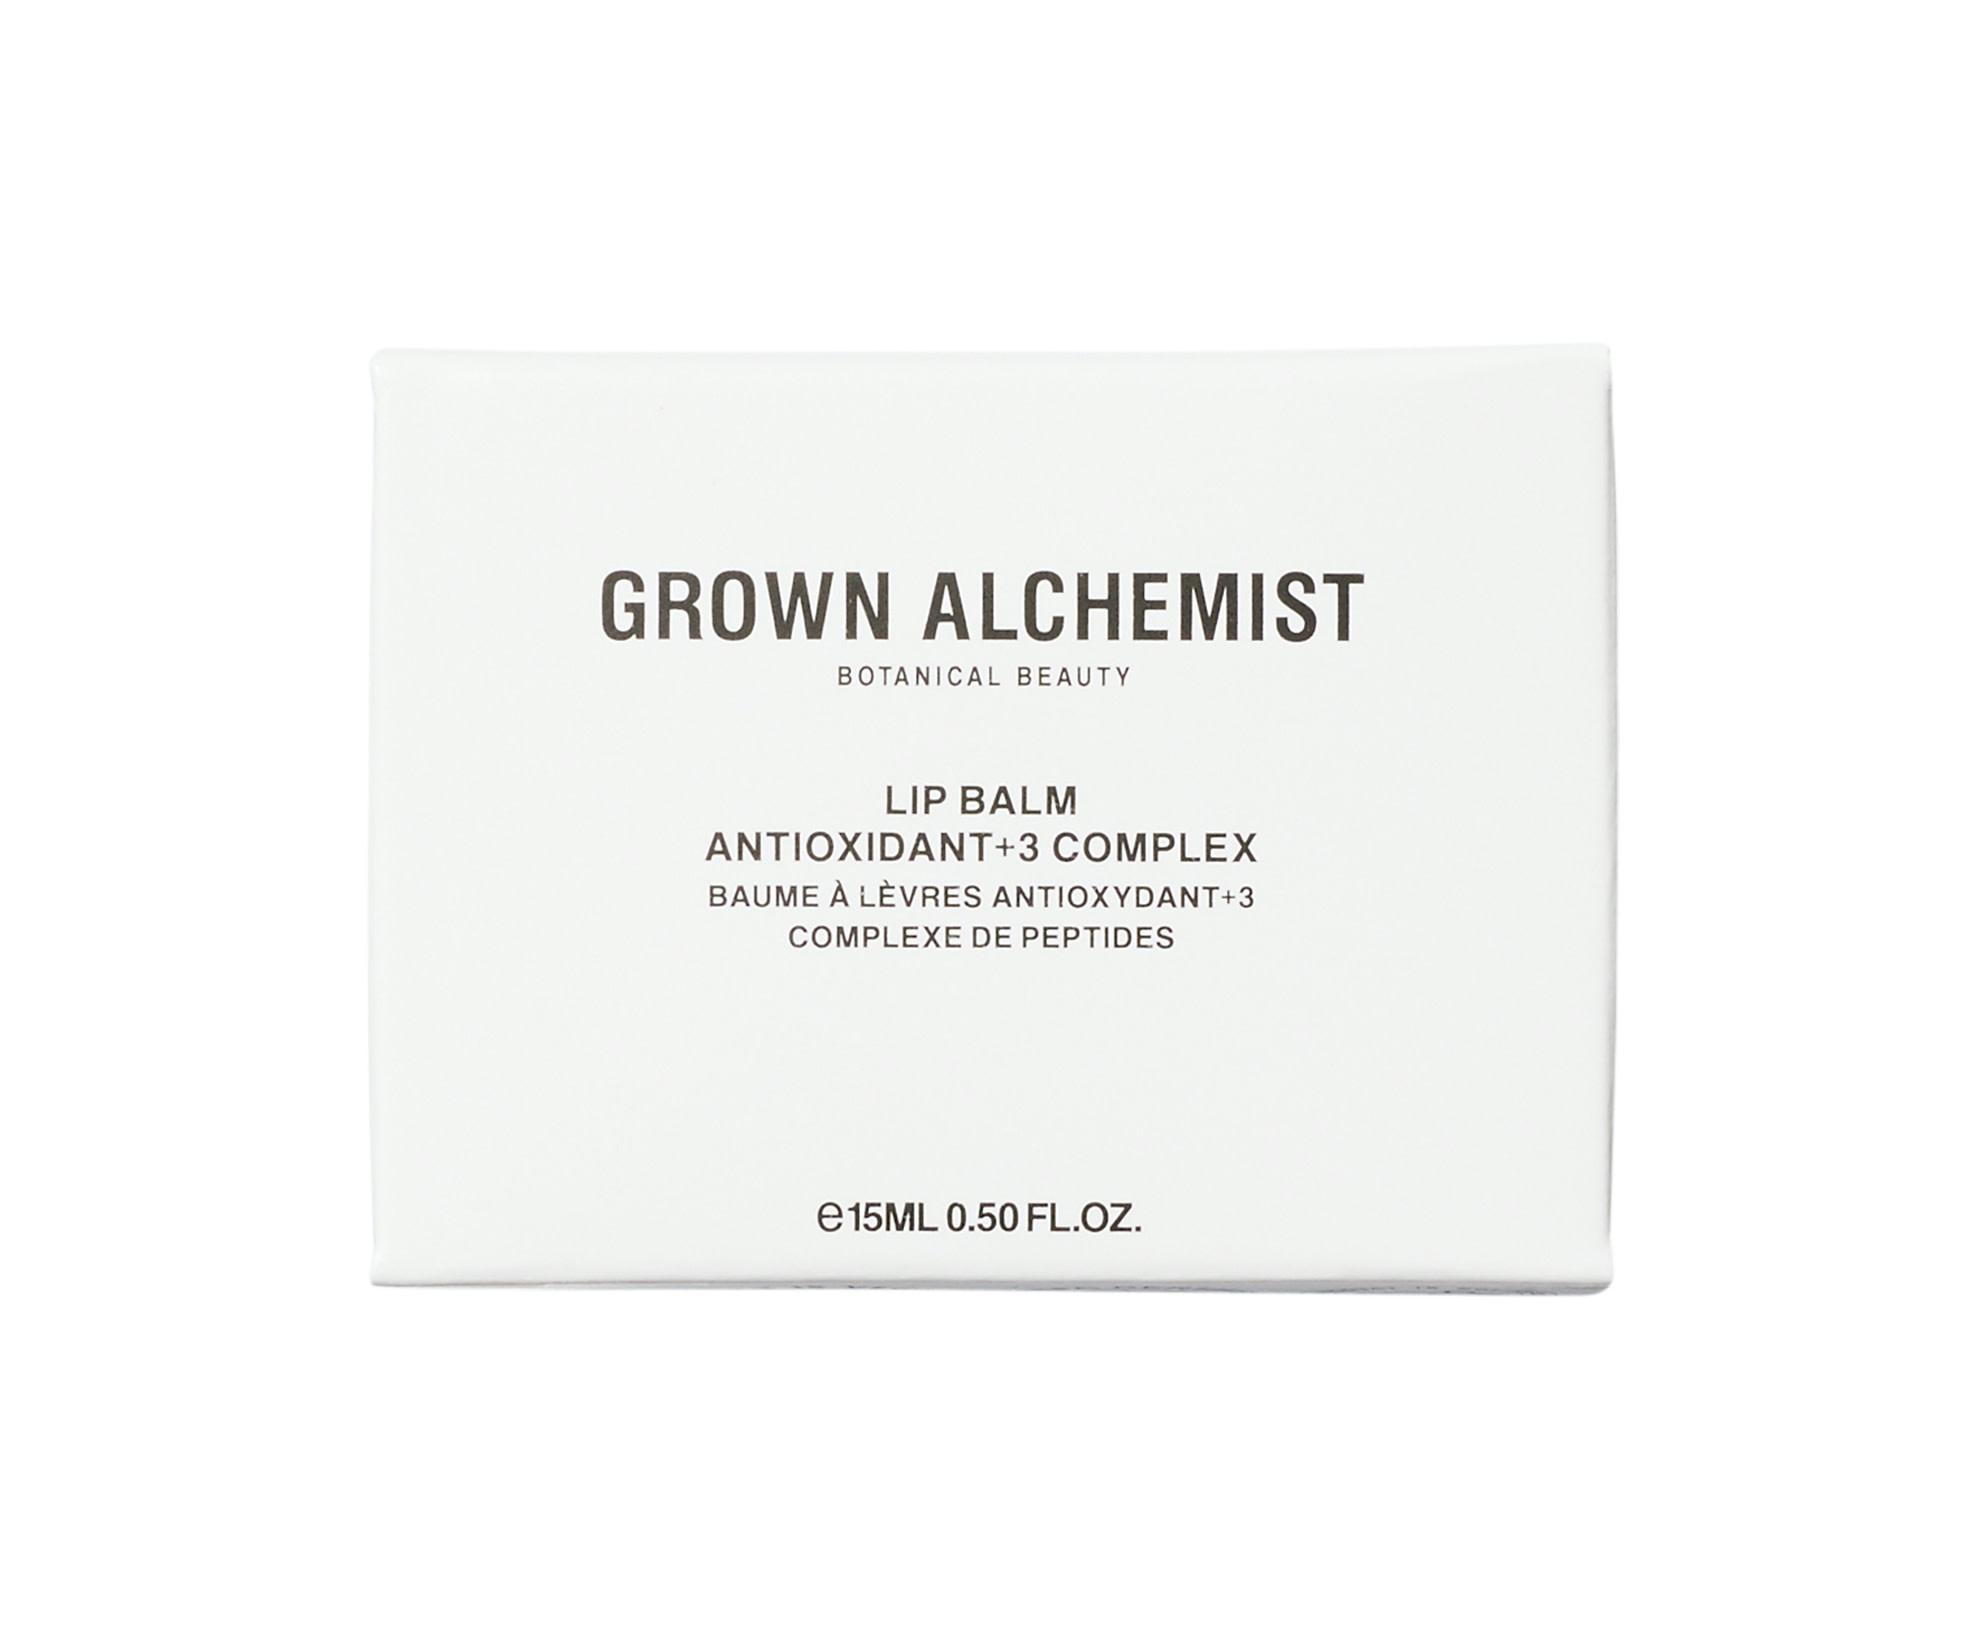 Lip balm antioxidant+3 Complex 15ML-2